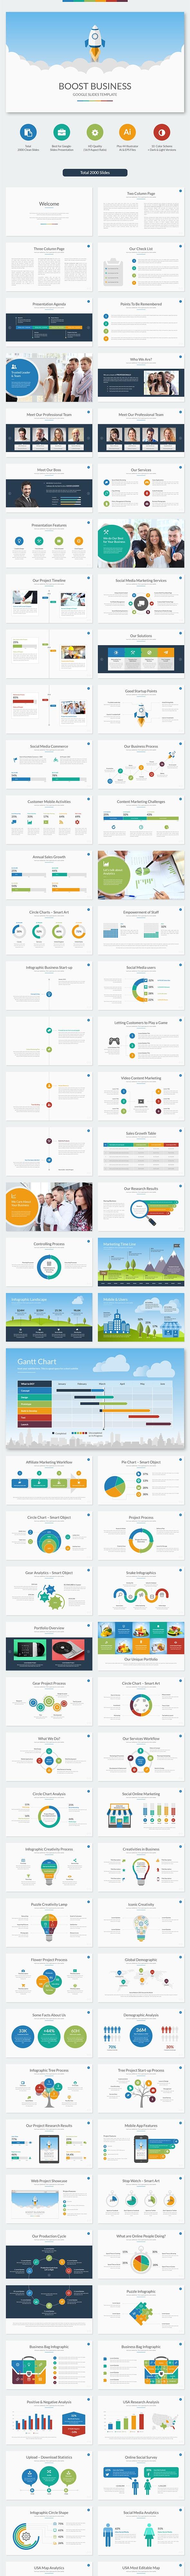 Boost Business Google Slides Template - Google Slides Presentation Templates